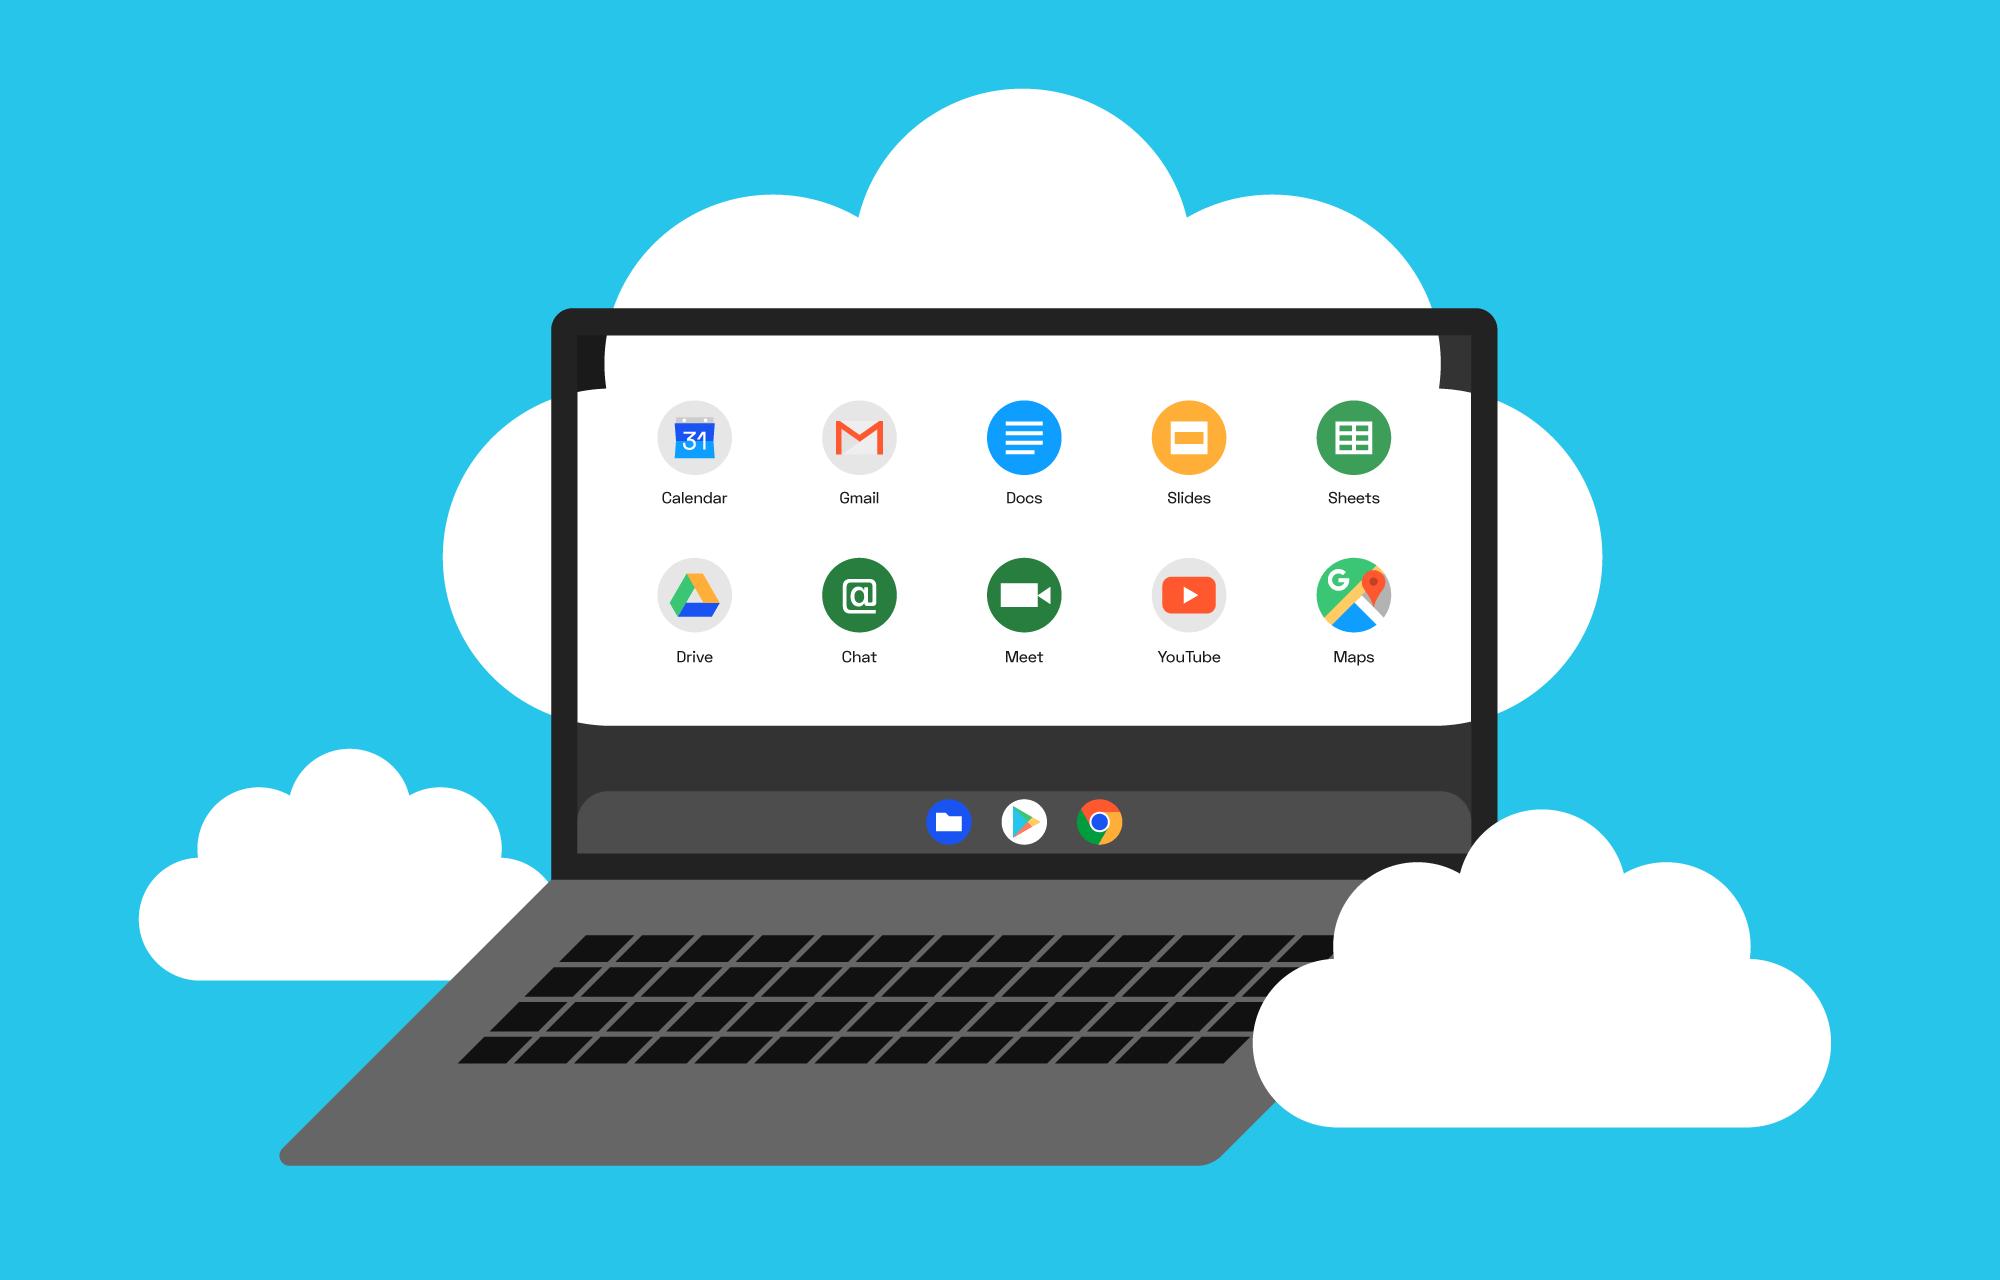 Why choose a Chromebook?